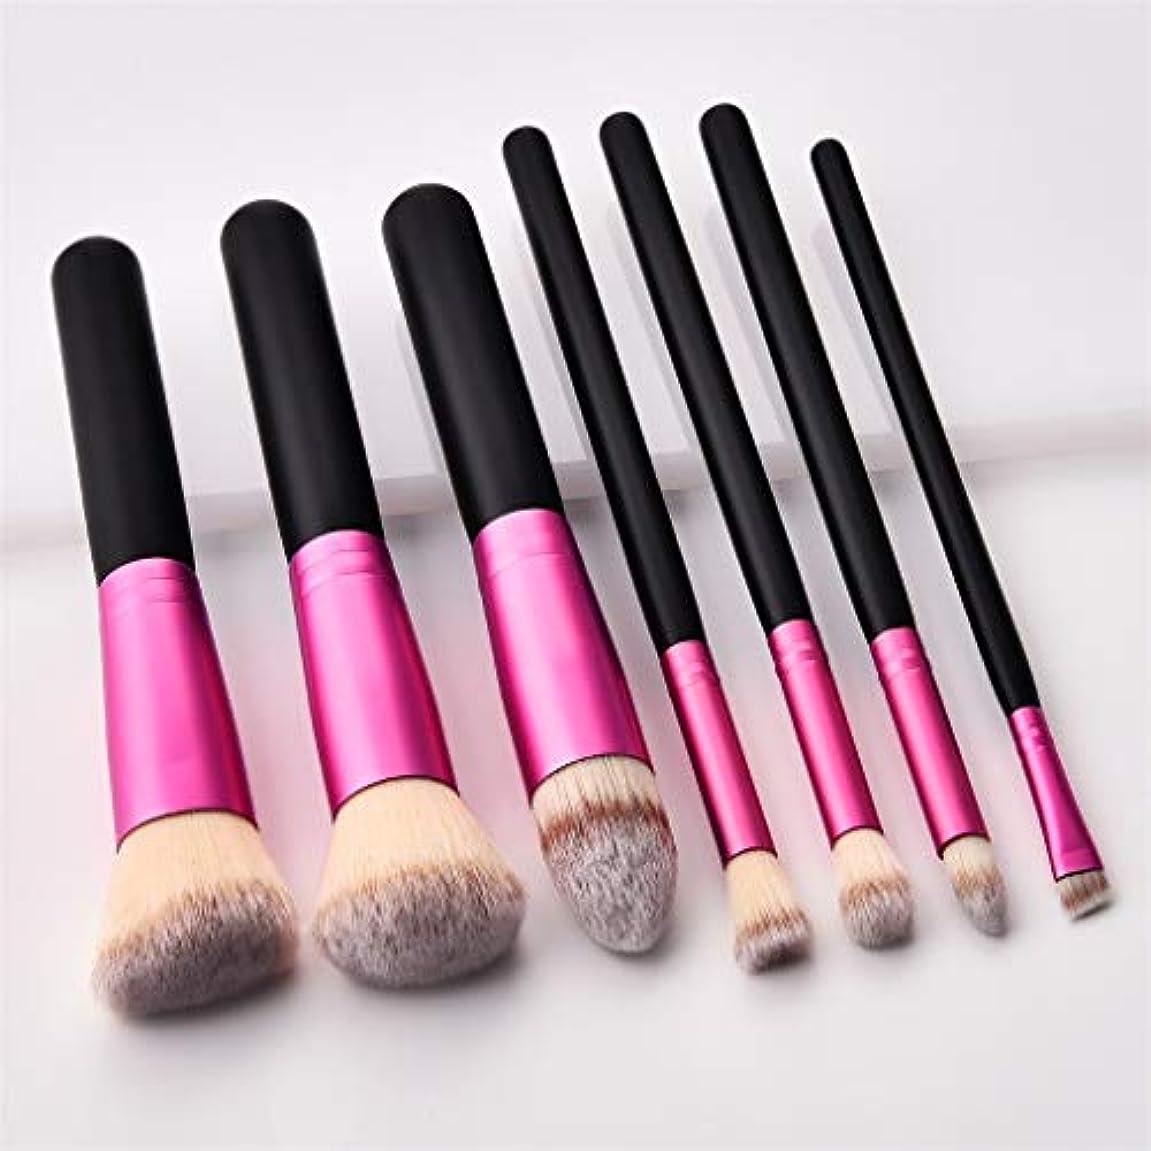 呼吸カレンダーネイティブAkane 7本 GUJHUI 上等 優雅 ピンク 綺麗 美感 便利 高級 魅力的 柔らかい たっぷり 多機能 おしゃれ 激安 日常 仕事 Makeup Brush メイクアップブラシ T-07-060